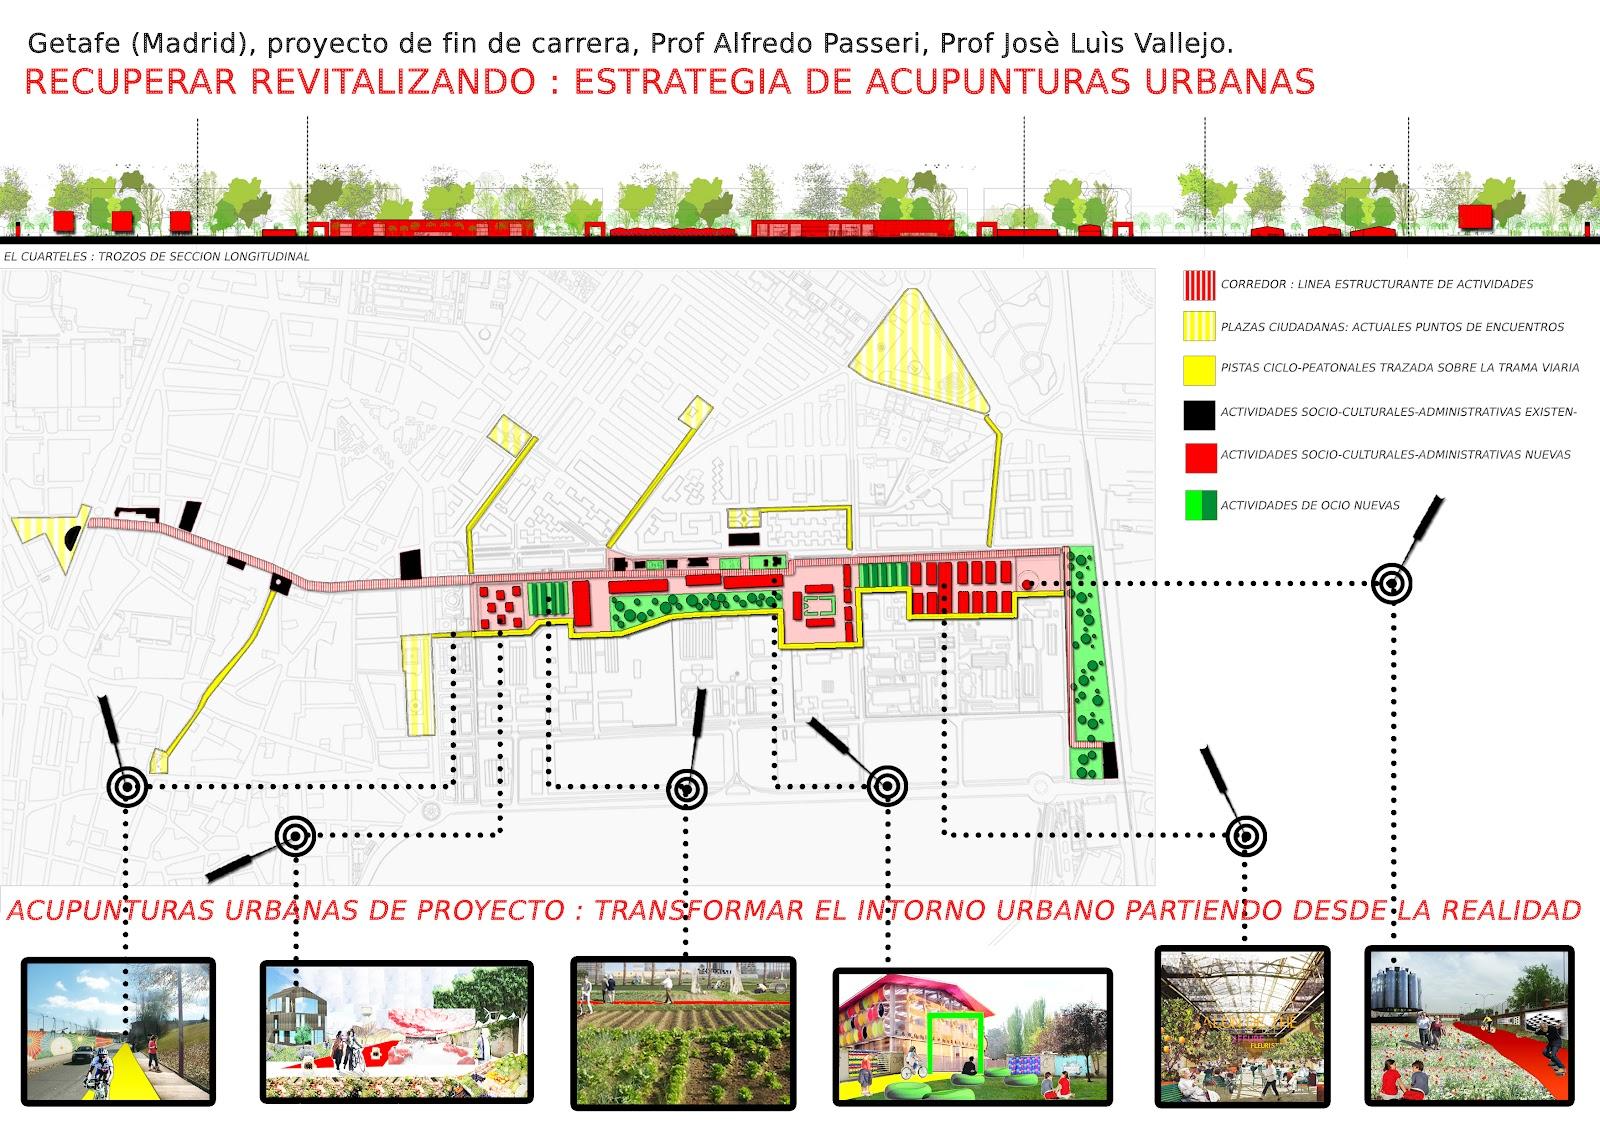 consolidada, las plazas cercanas, actuales puntos de encuentros para